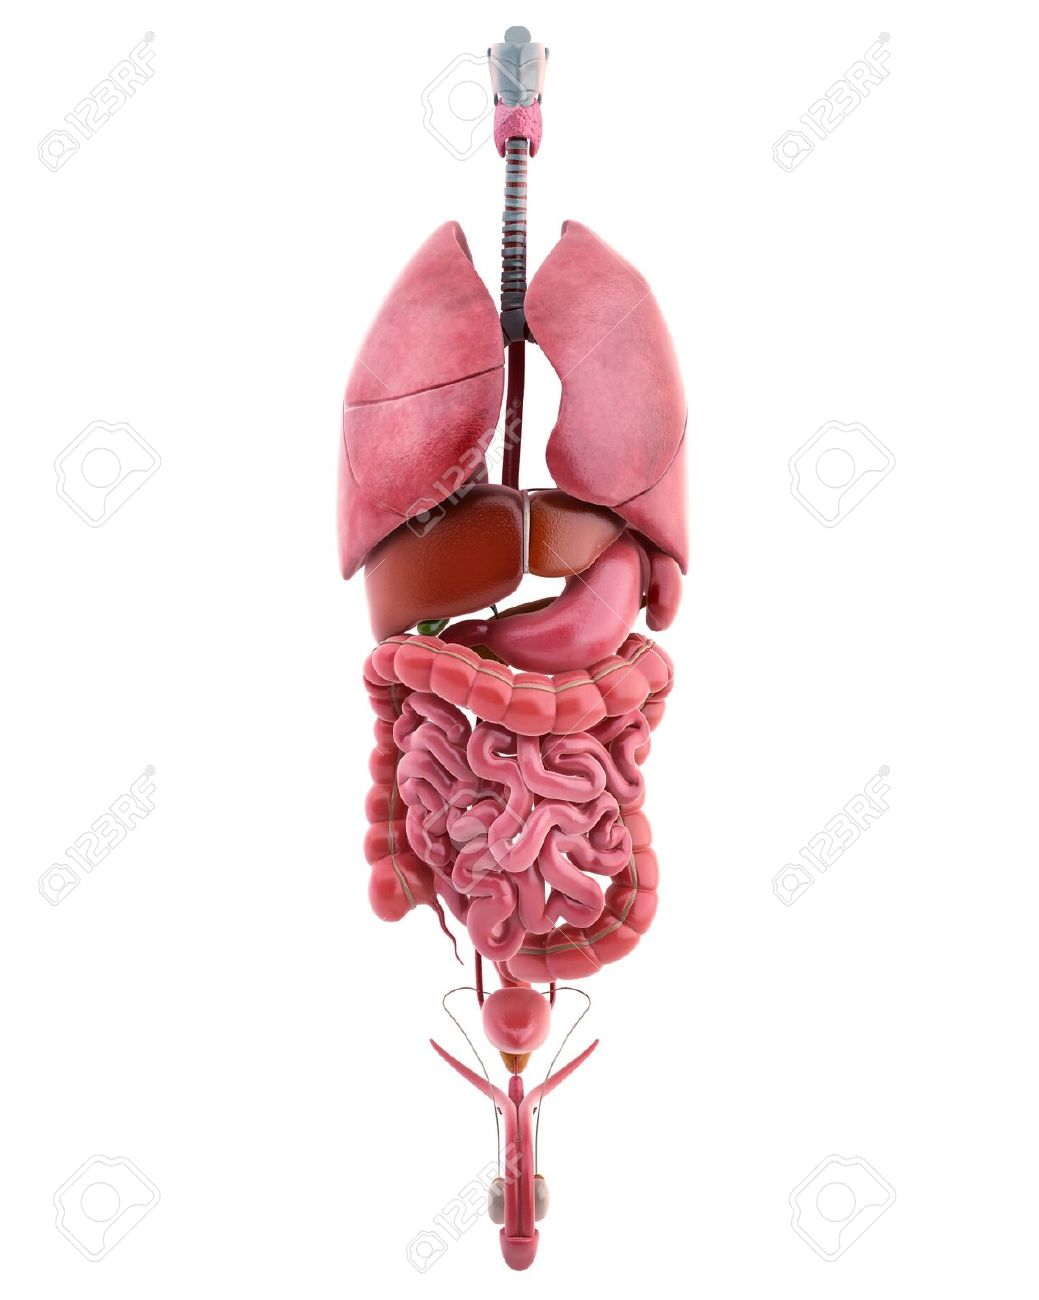 3d Ilustración De Los órganos Internos Del Cuerpo Masculino Fotos ...